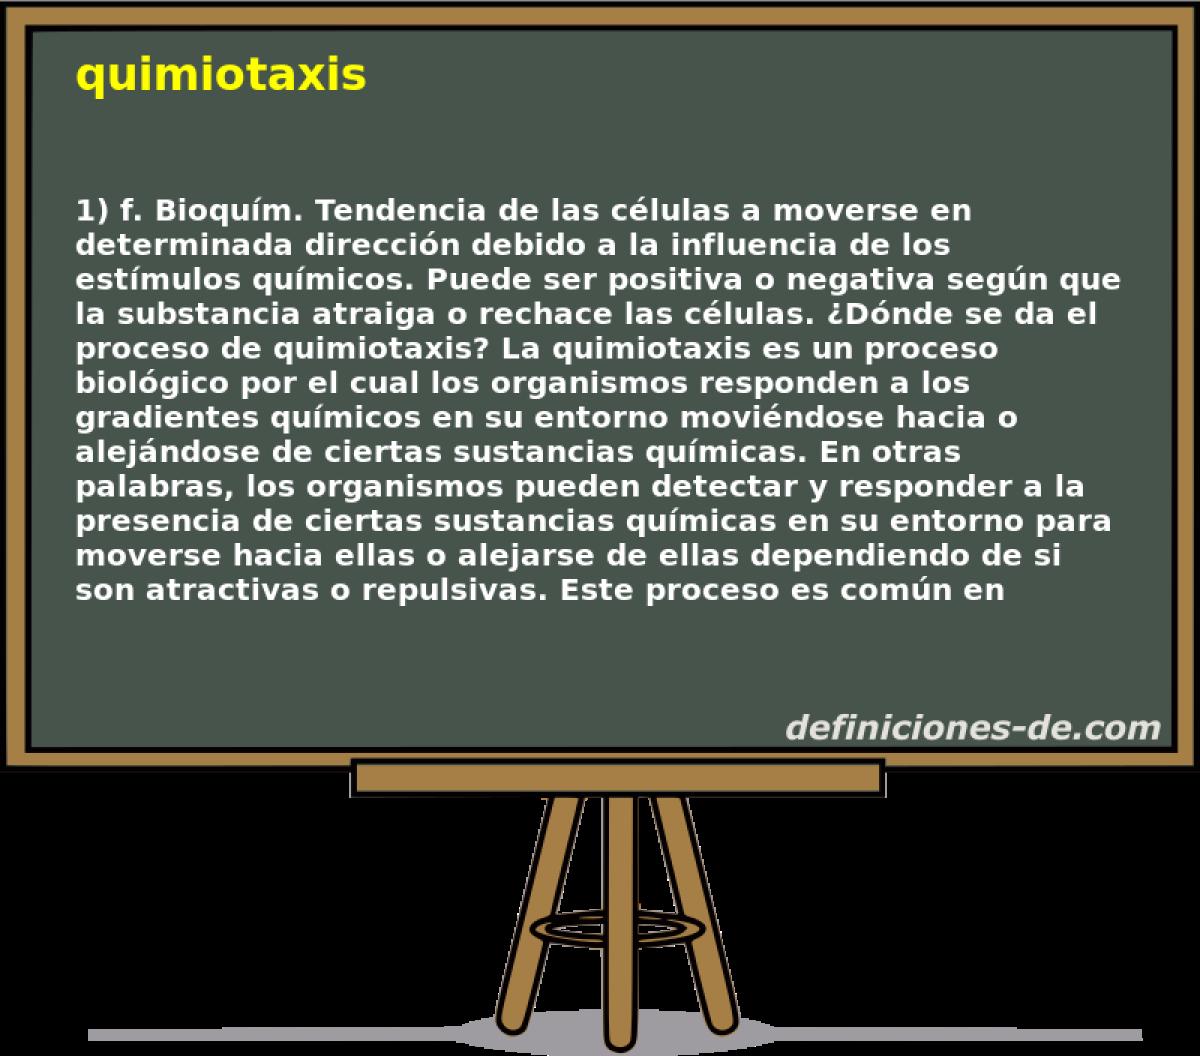 Qué significa Quimiotaxis?